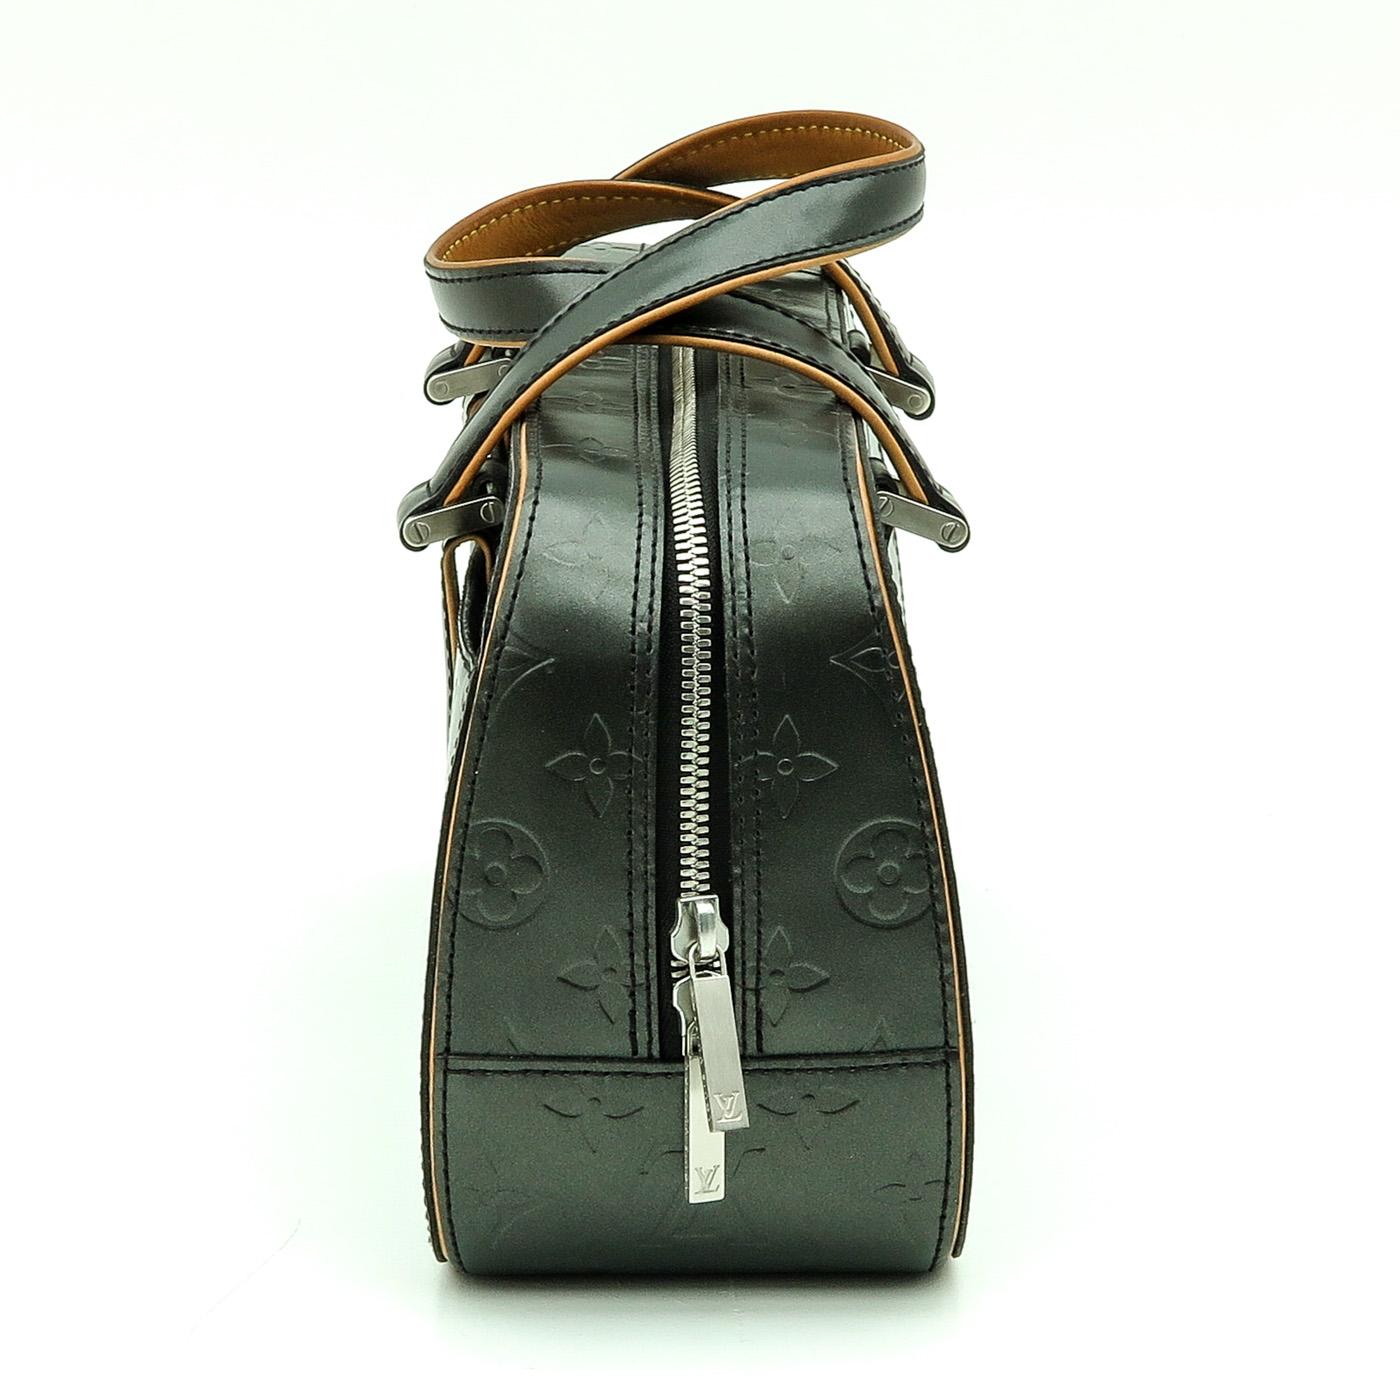 Lot 1268 - A Louis Vuitton Ladies Bag